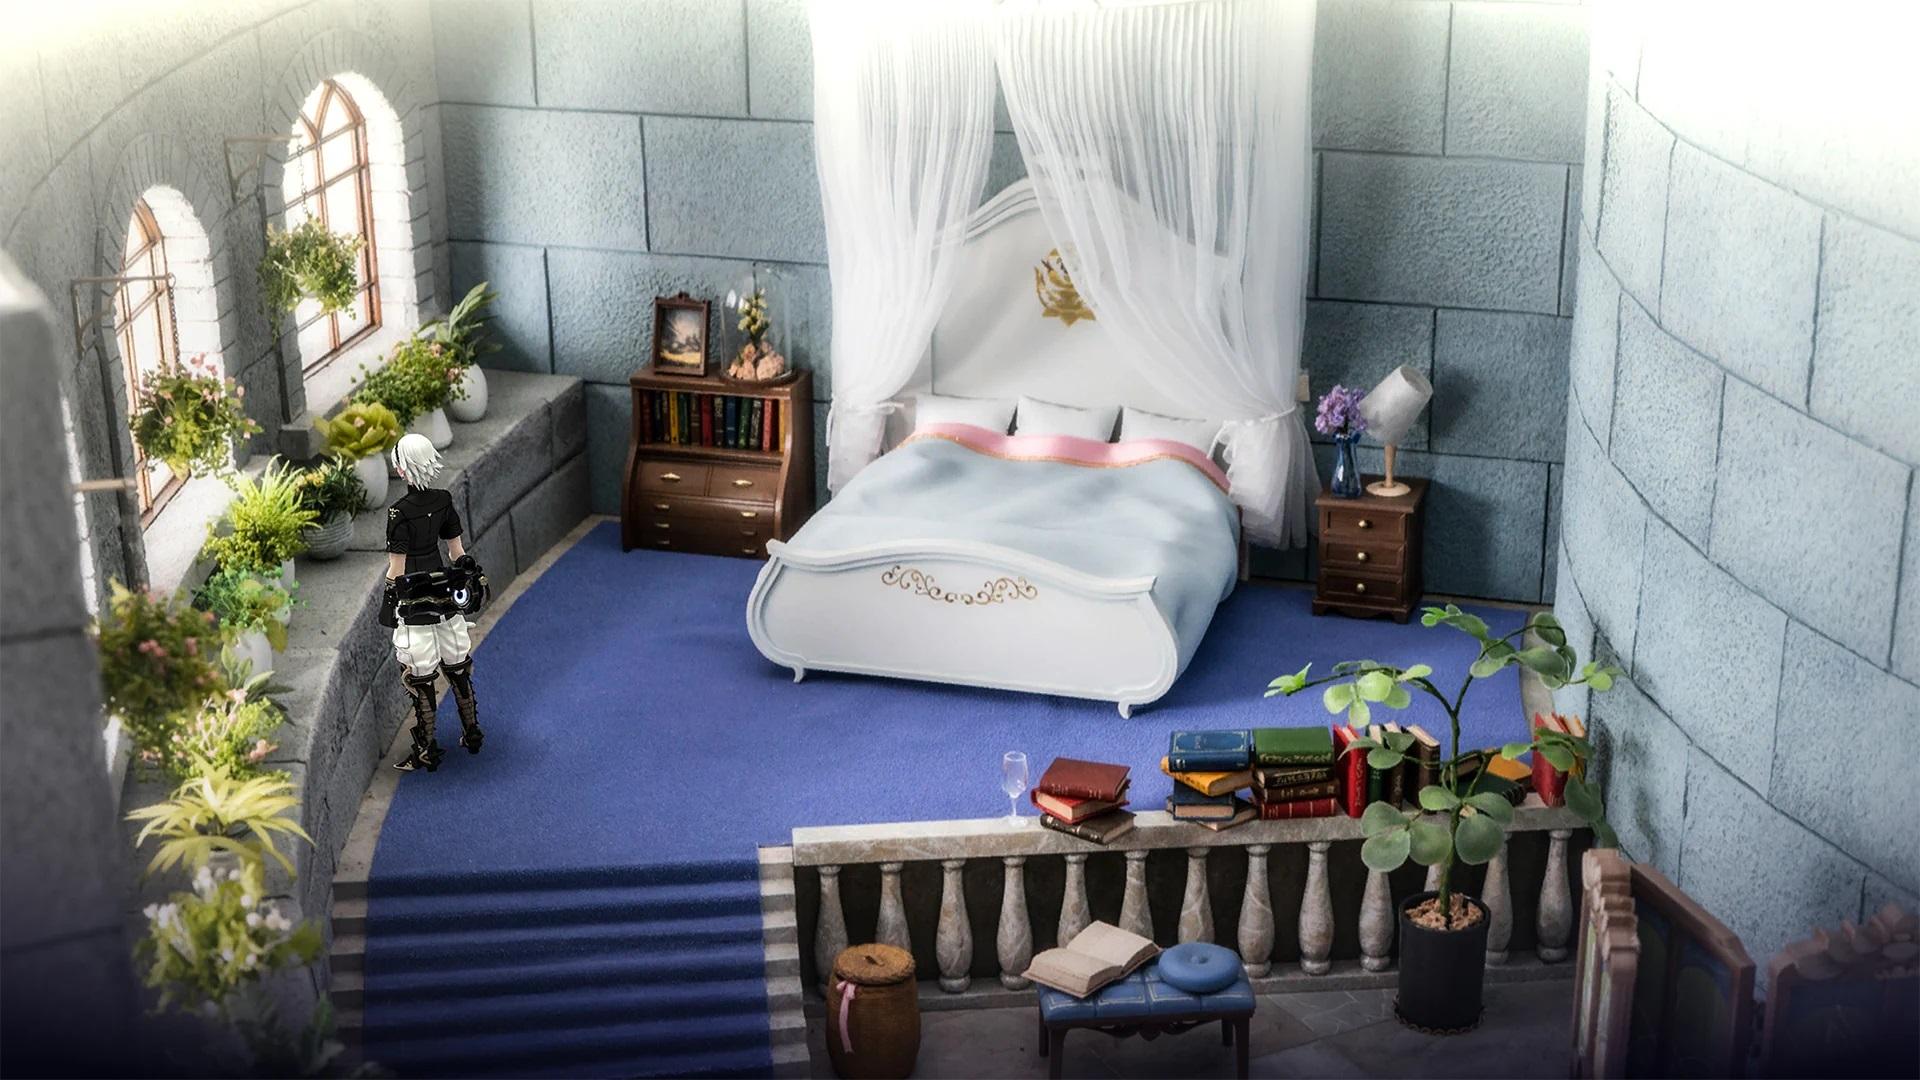 A Bedroom in Fantasian